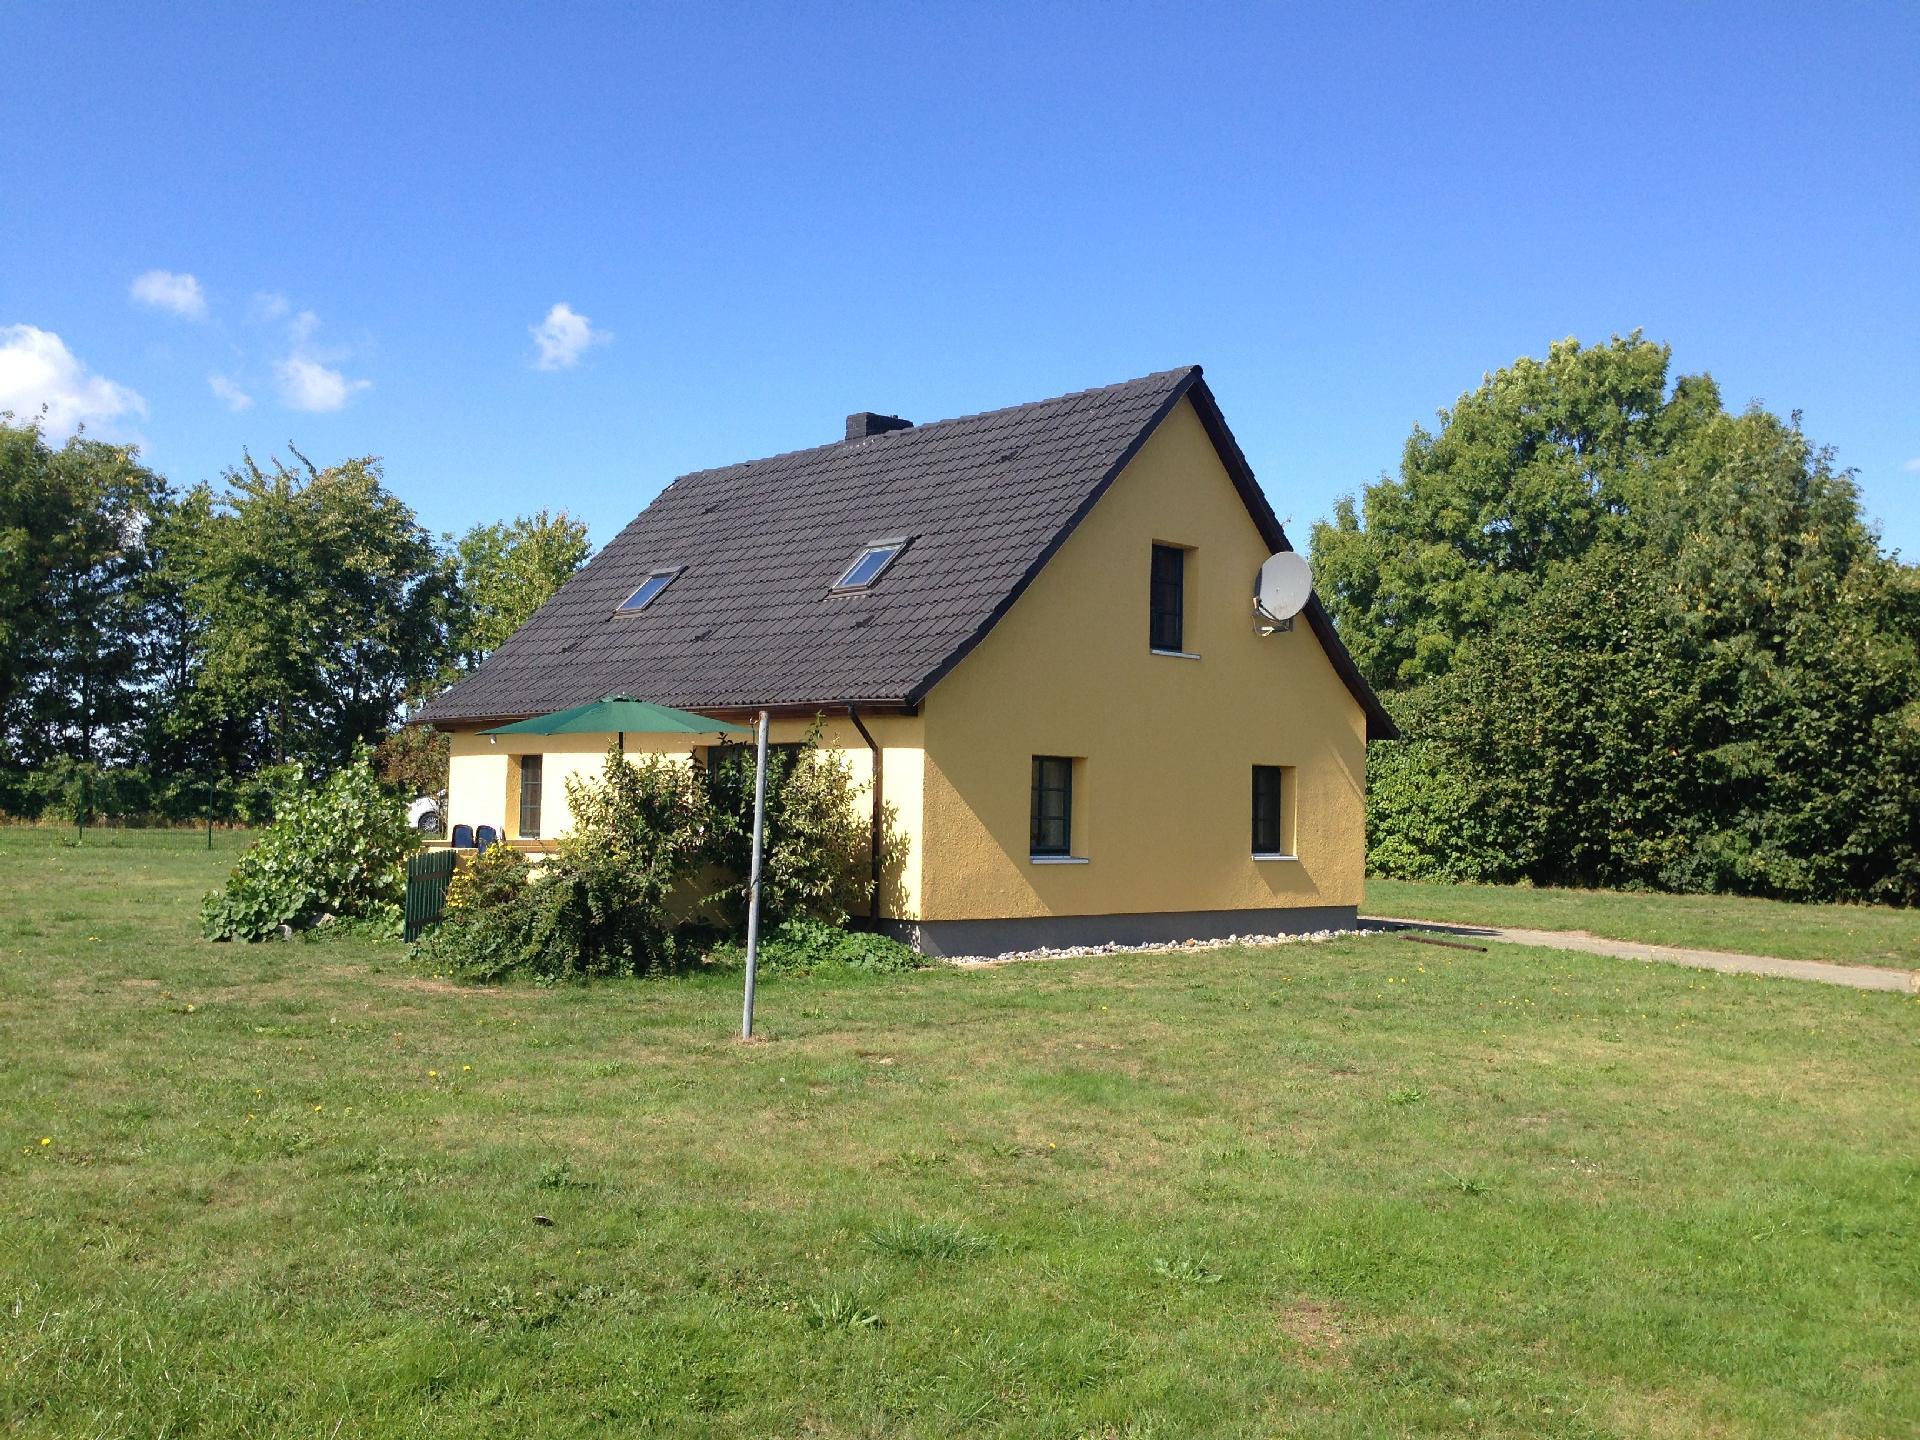 Ferienhaus für 5 Personen ca. 120 m² in